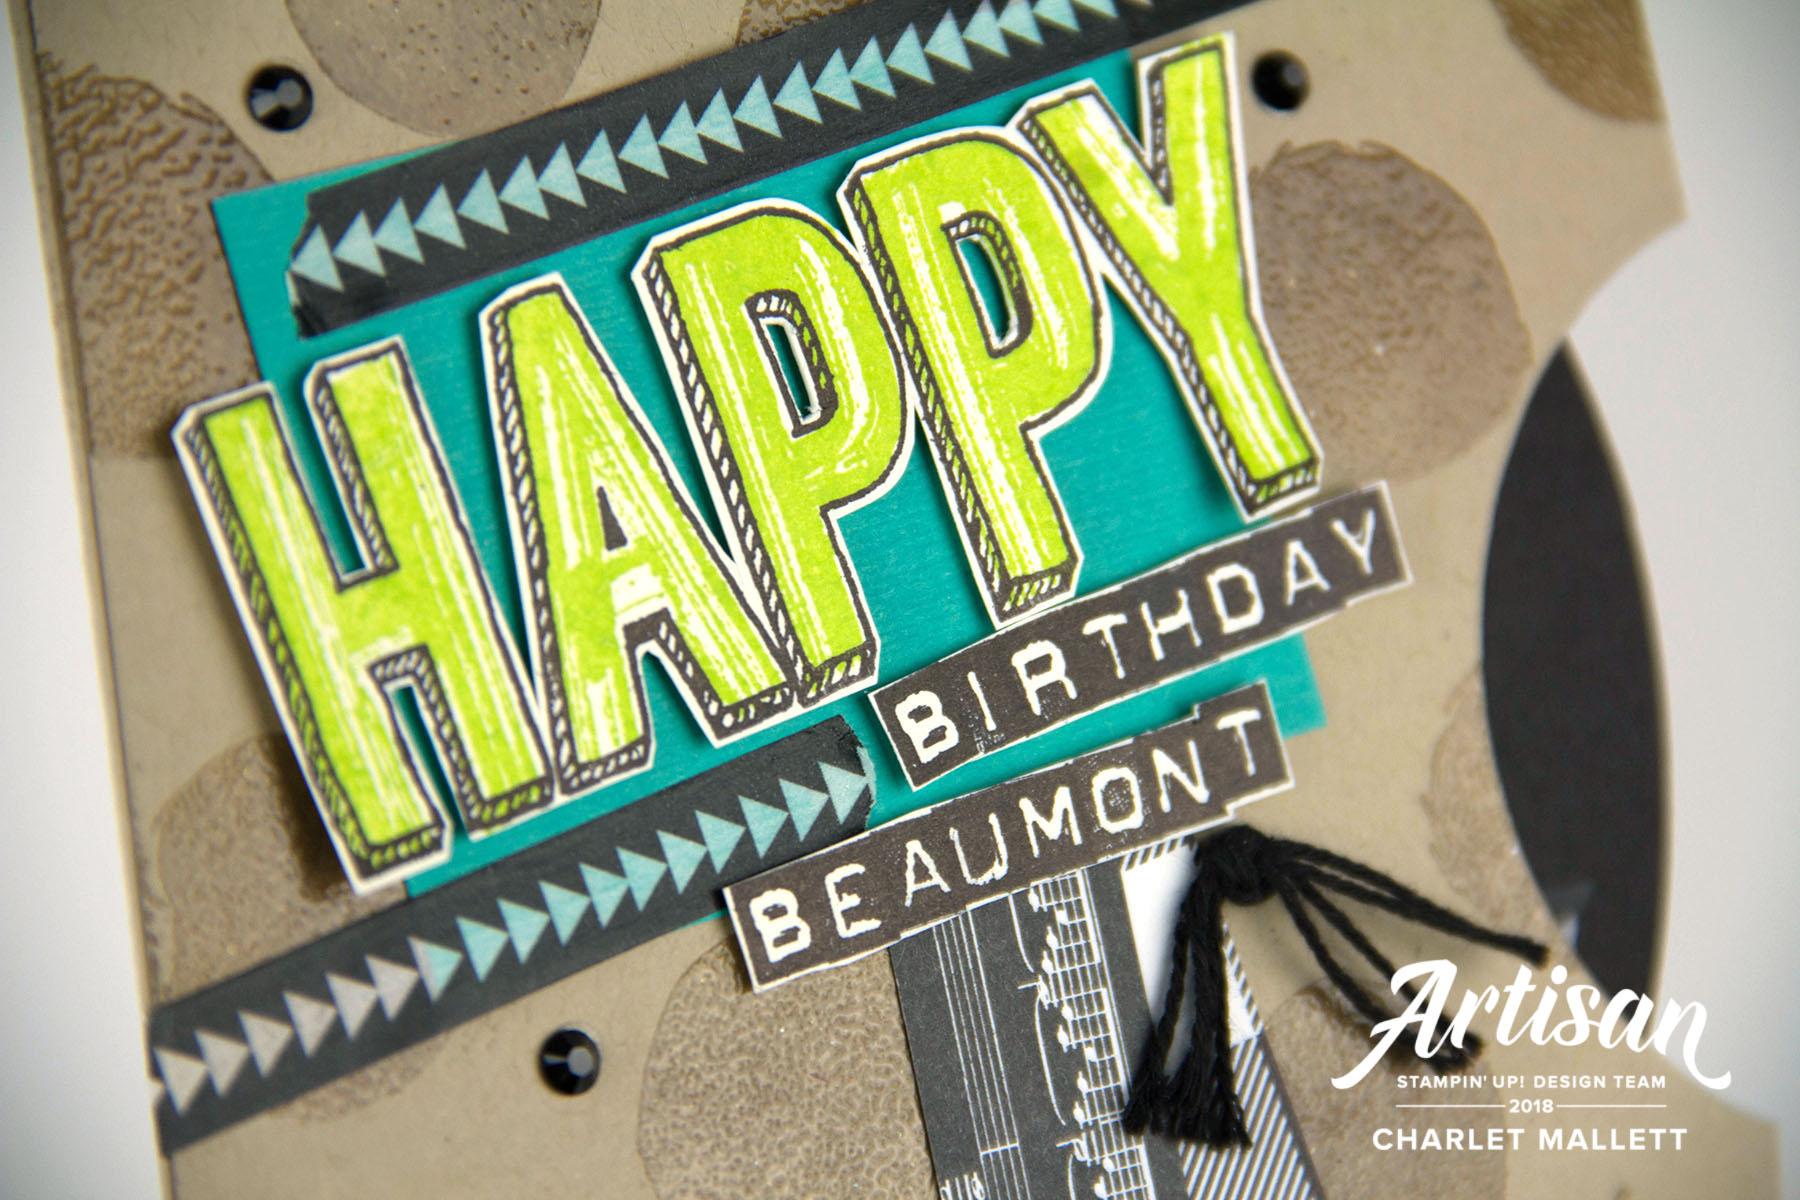 Beau Birthday Card (6 of 7)a.jpg